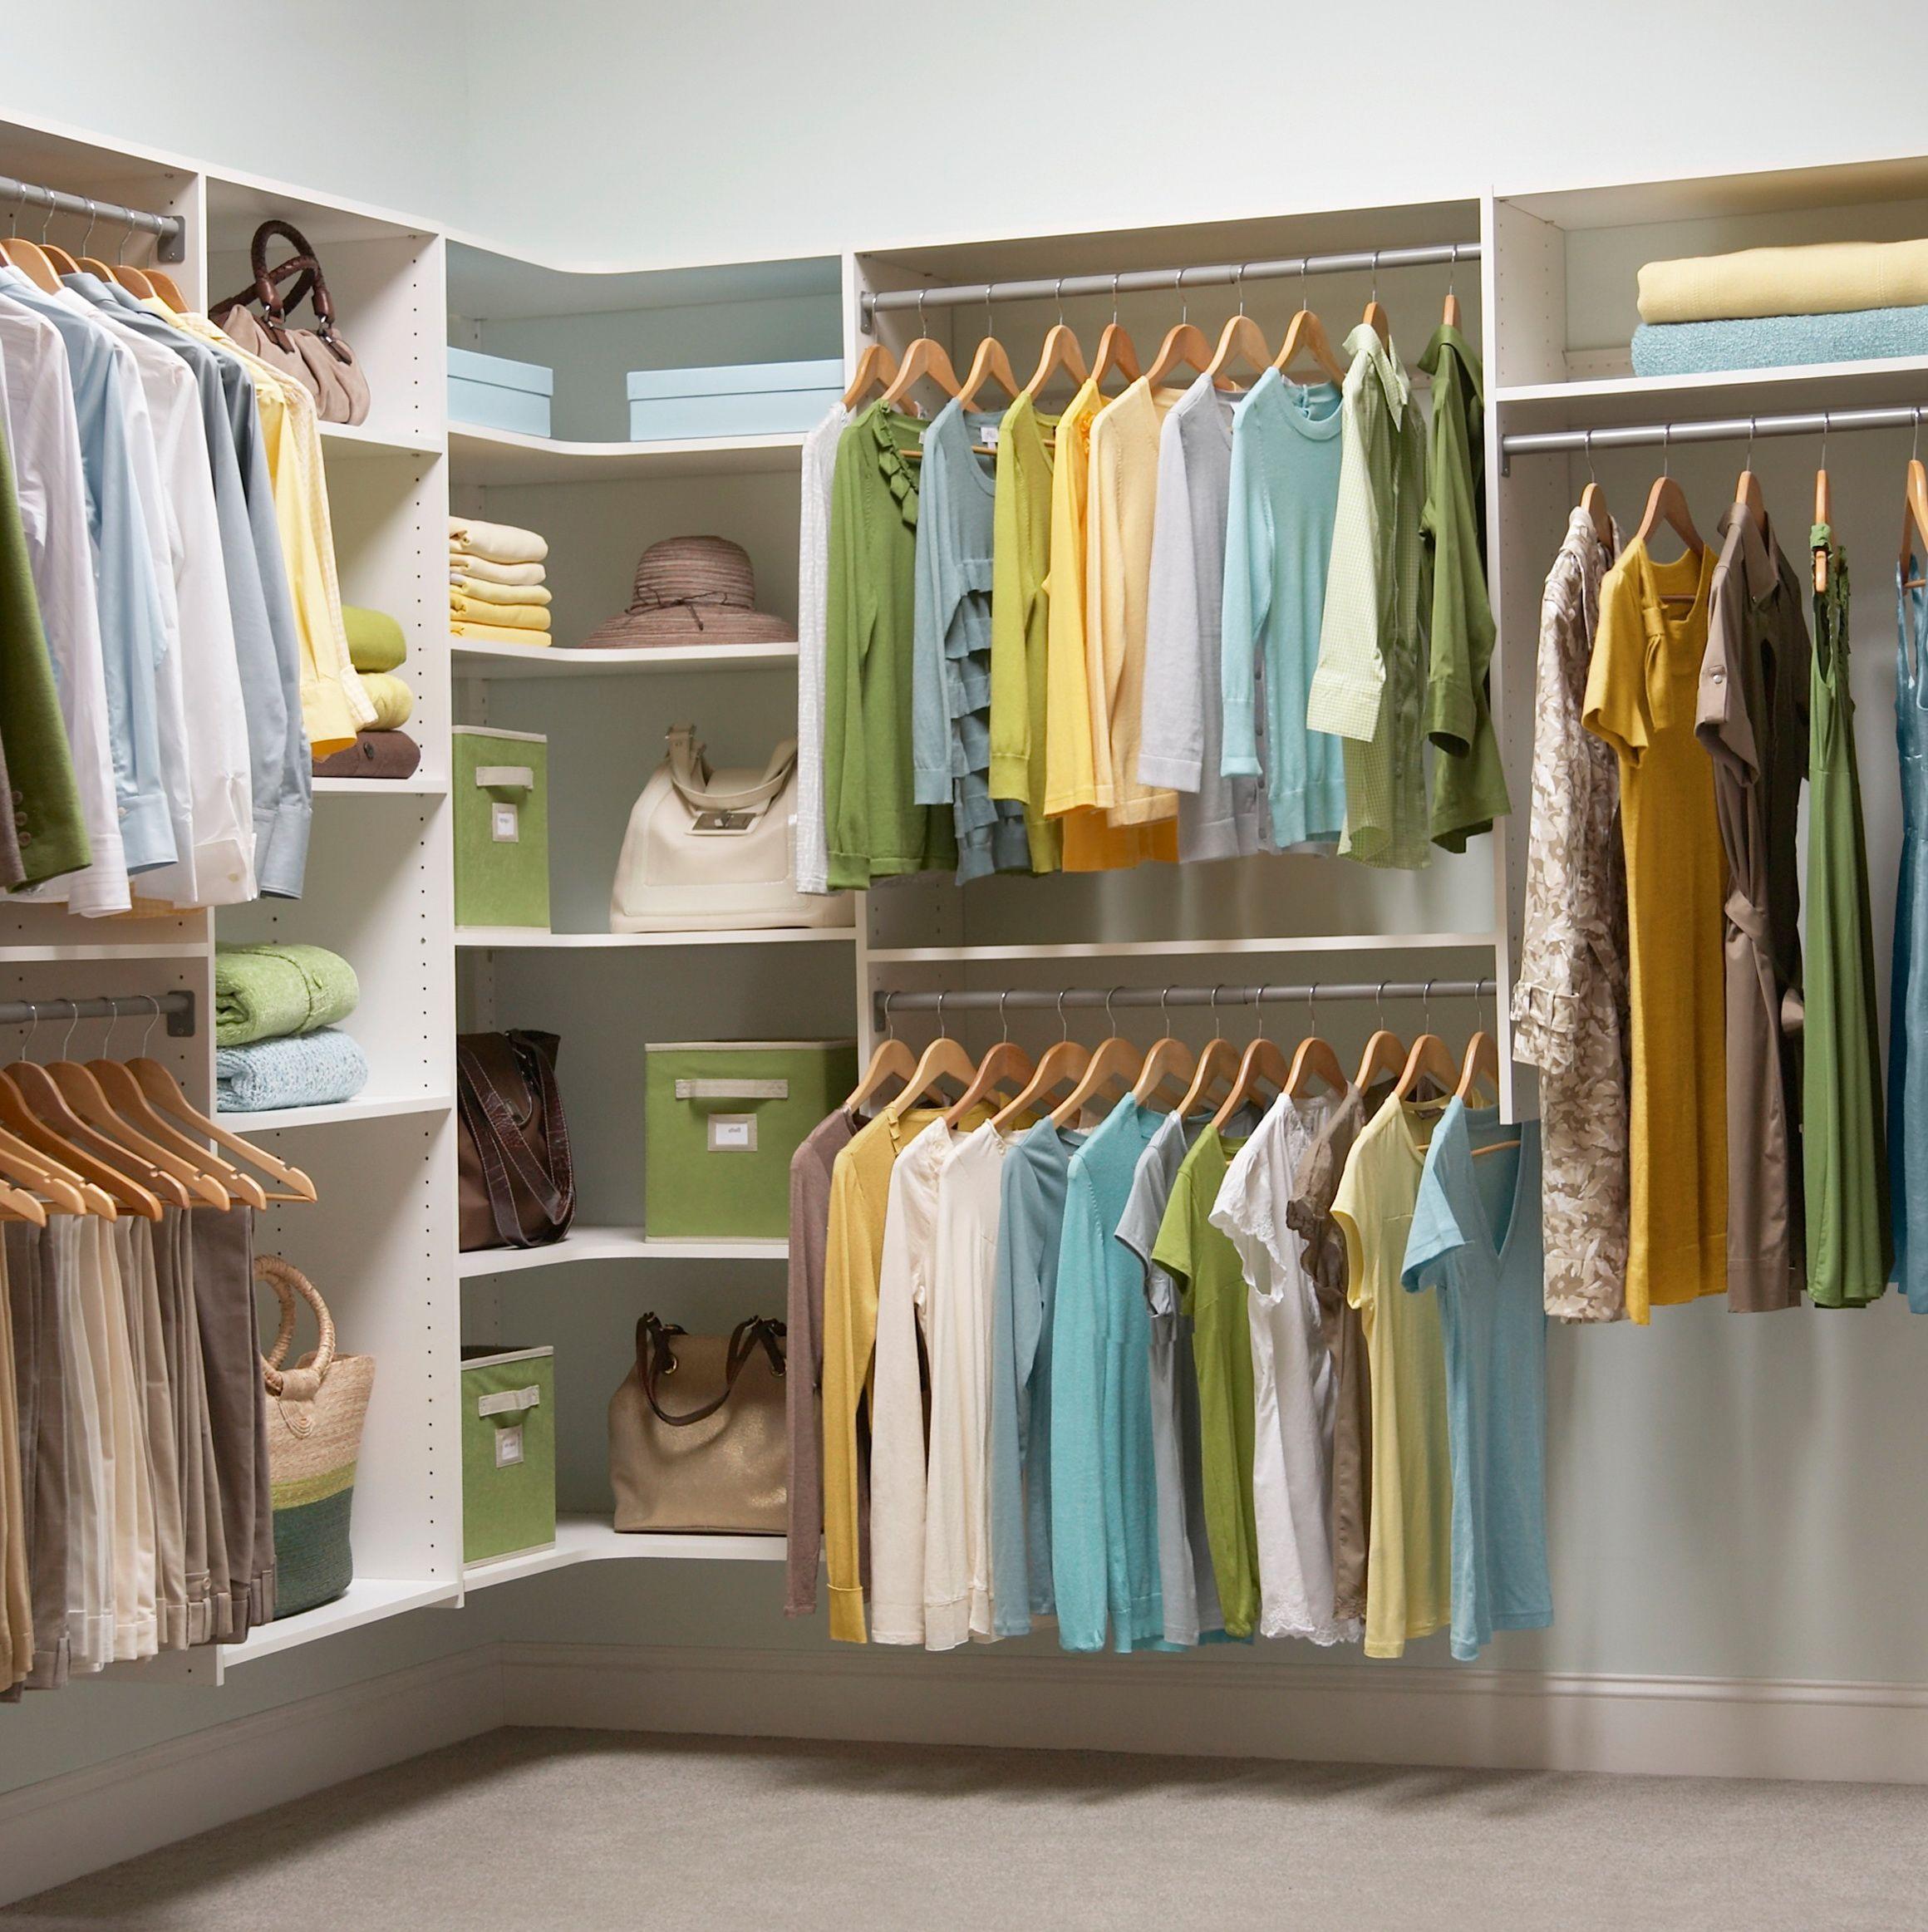 Best Kitchen Gallery: Bust Of Closet Design Tool Home Depot Storage Ideas Pinterest of Home Depot  Closet Design  on rachelxblog.com